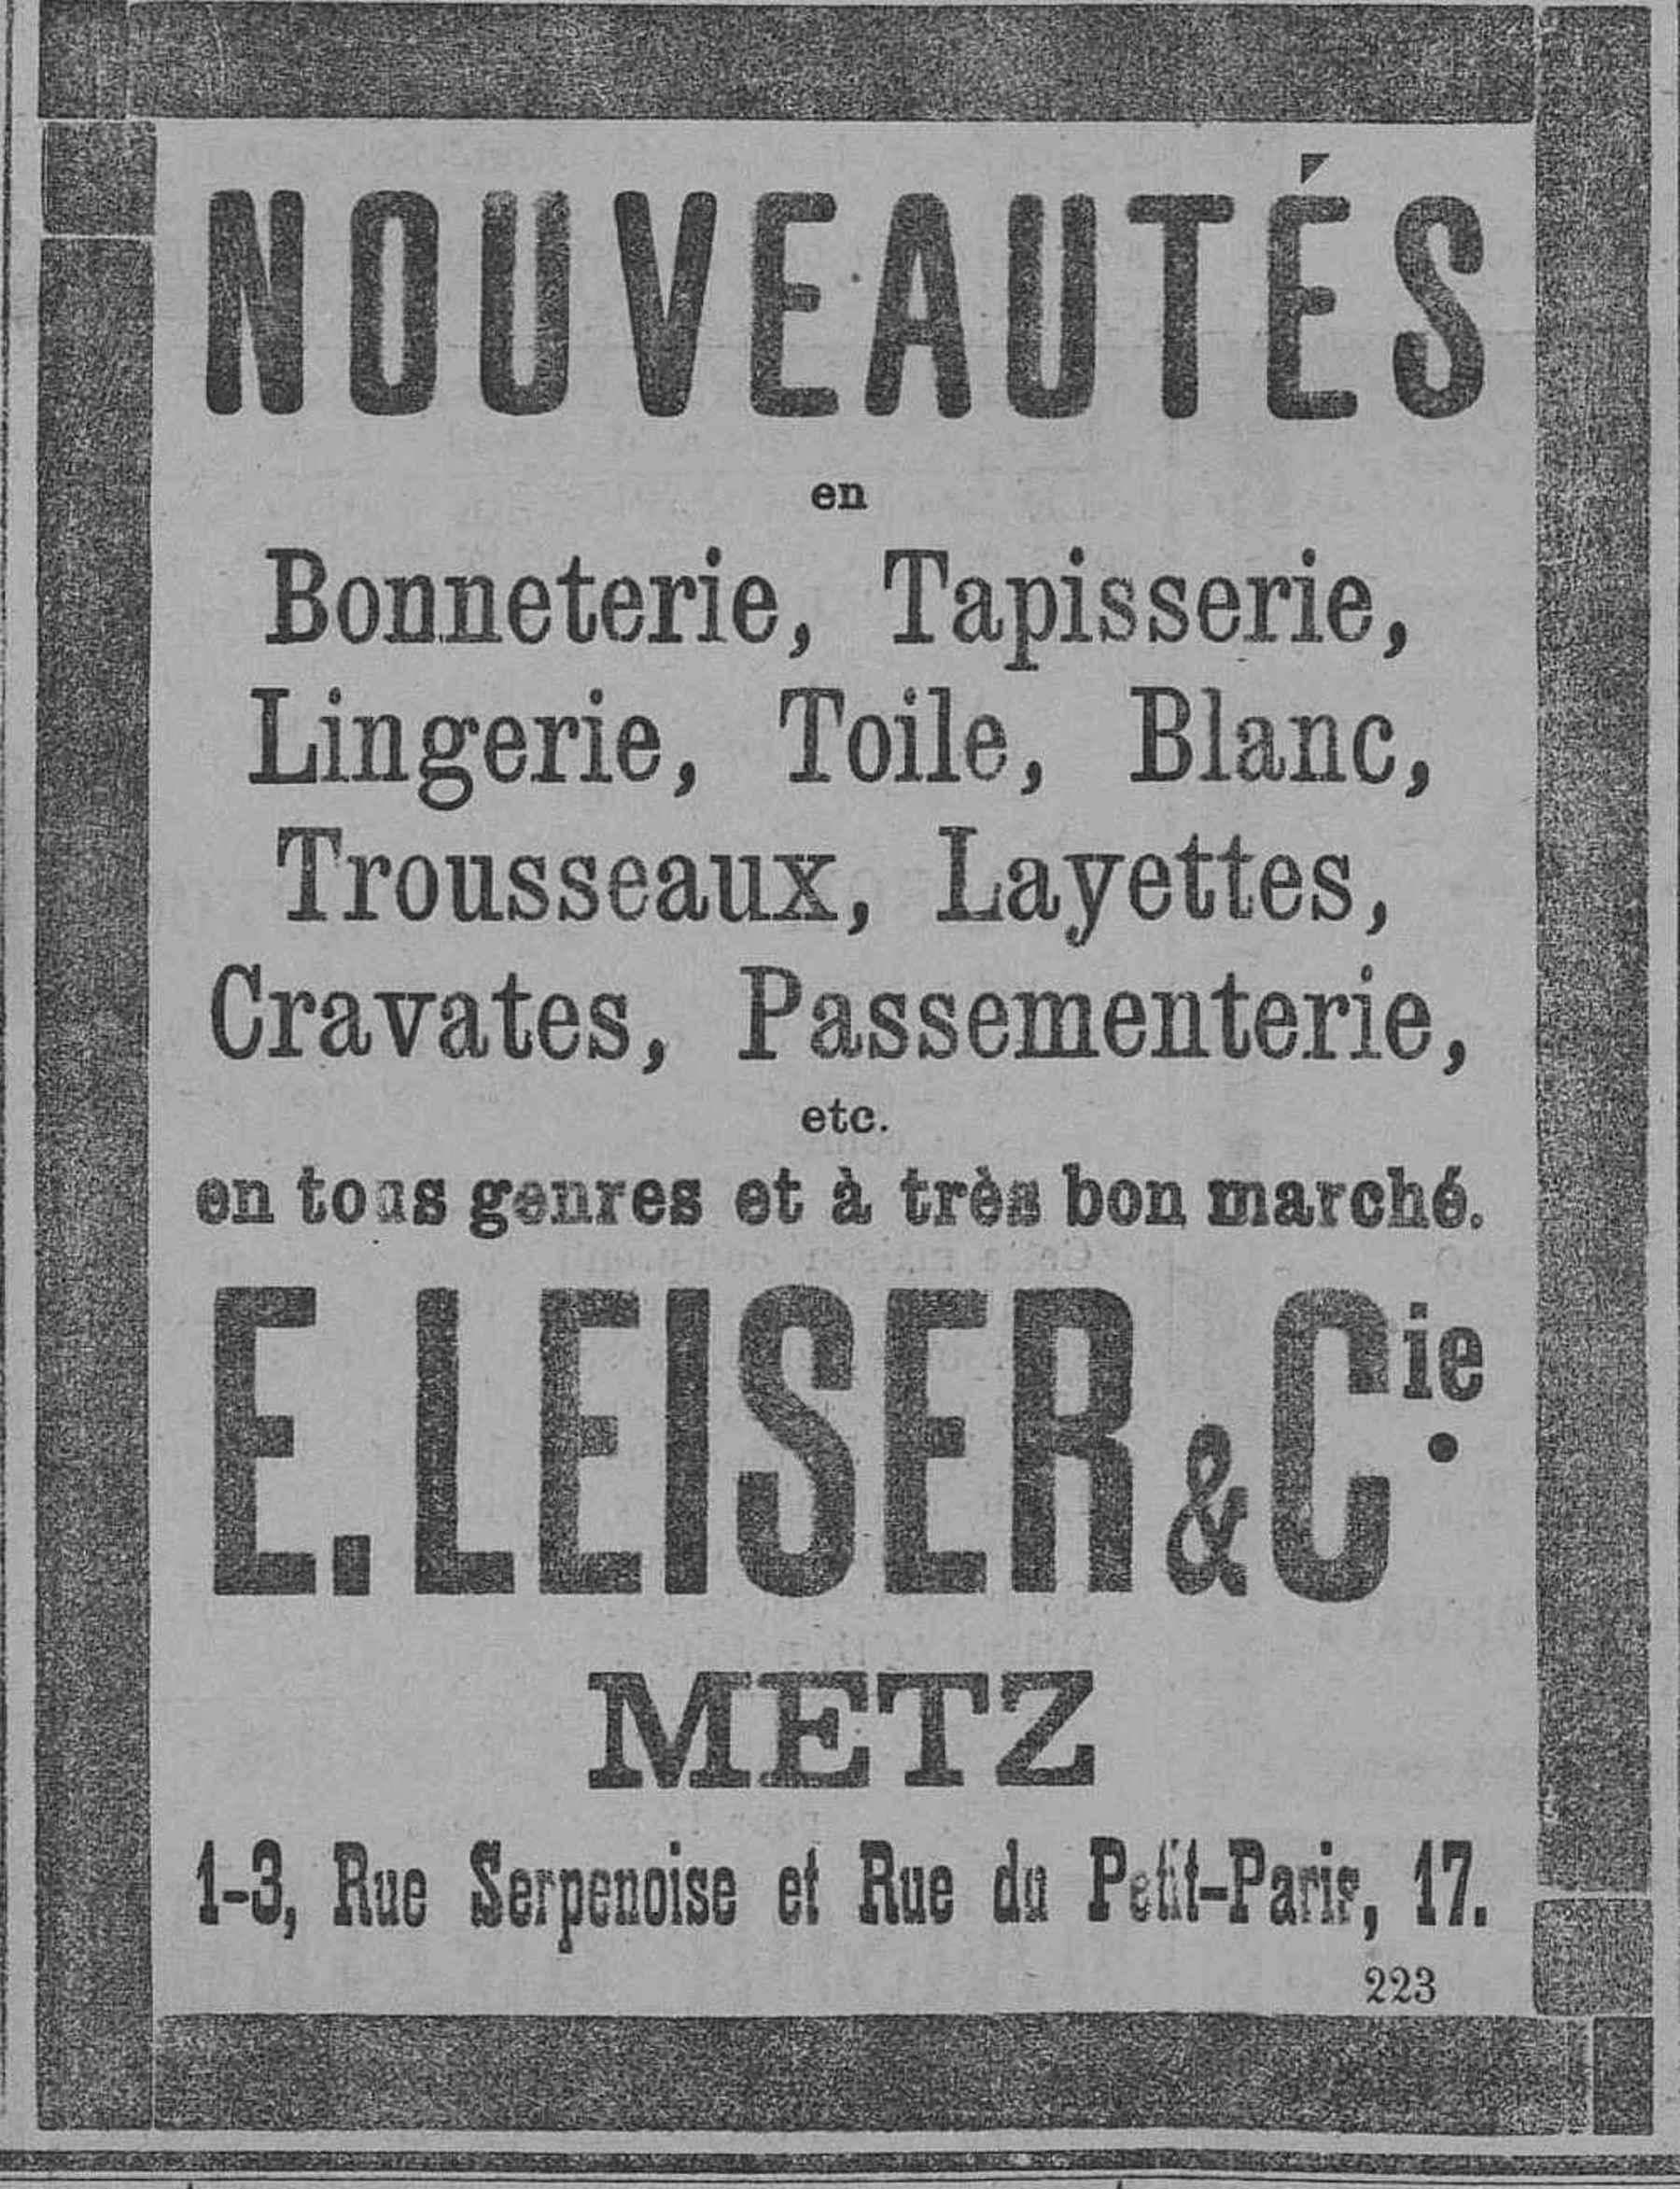 Contenu du E. Leiser & Cie. Nouveautés en Bonneteries, Tapisseries, Lingeries, Toile, Blanc...